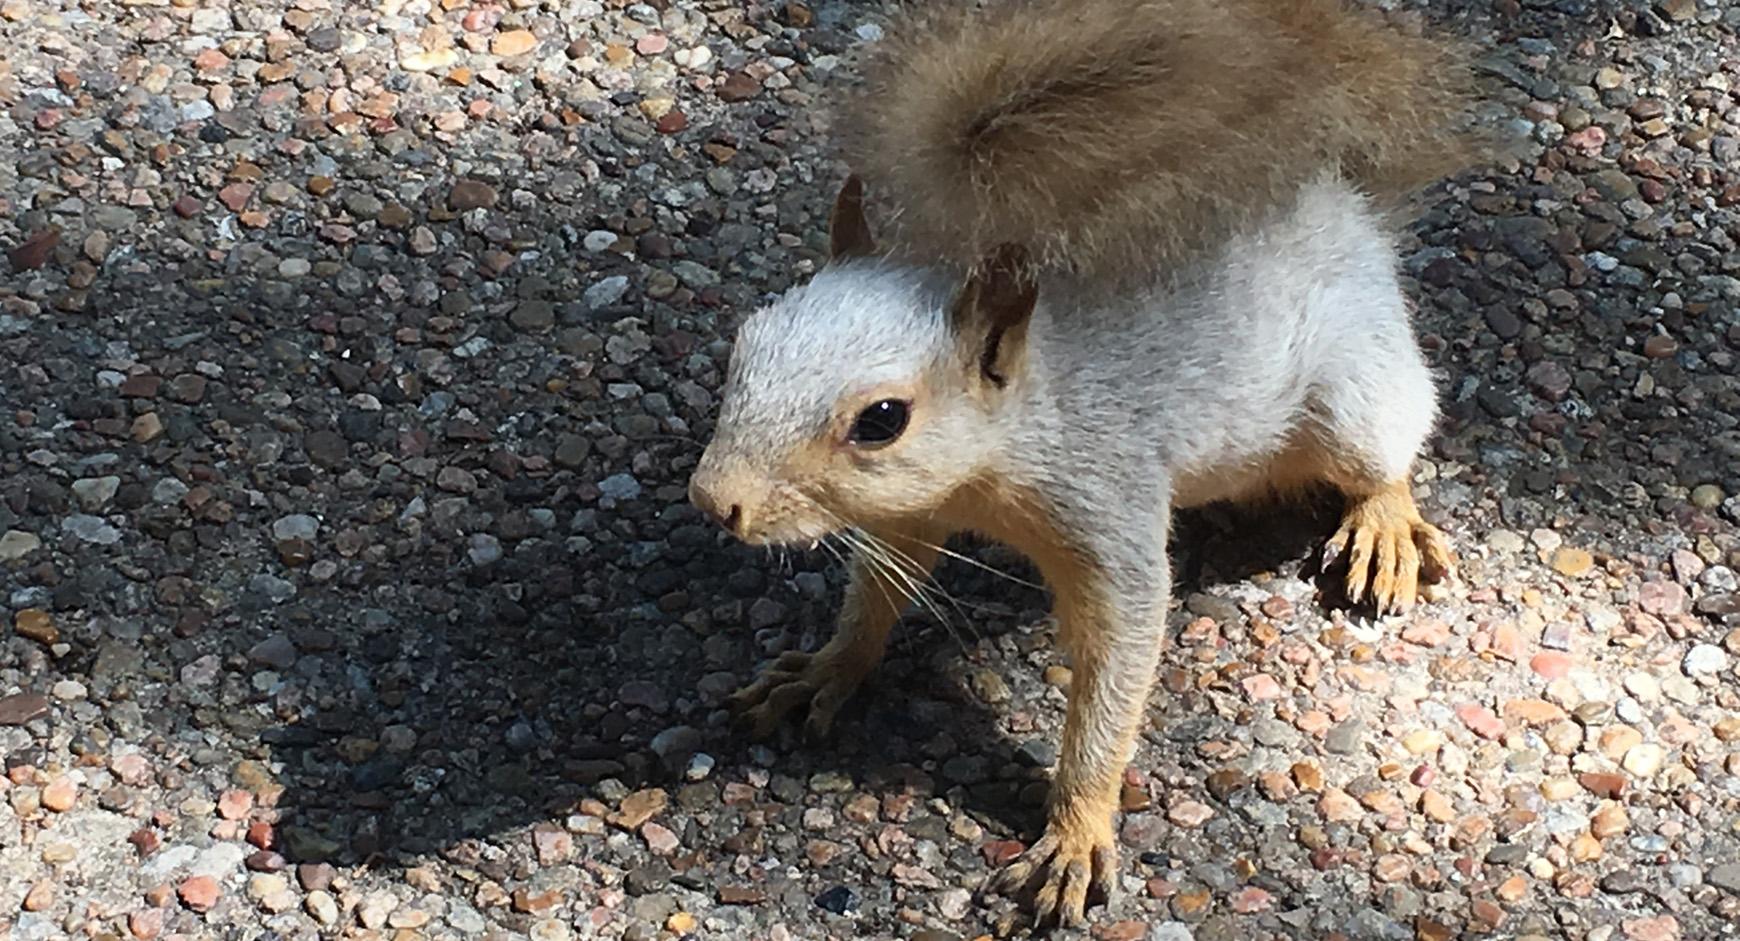 UT squirrel